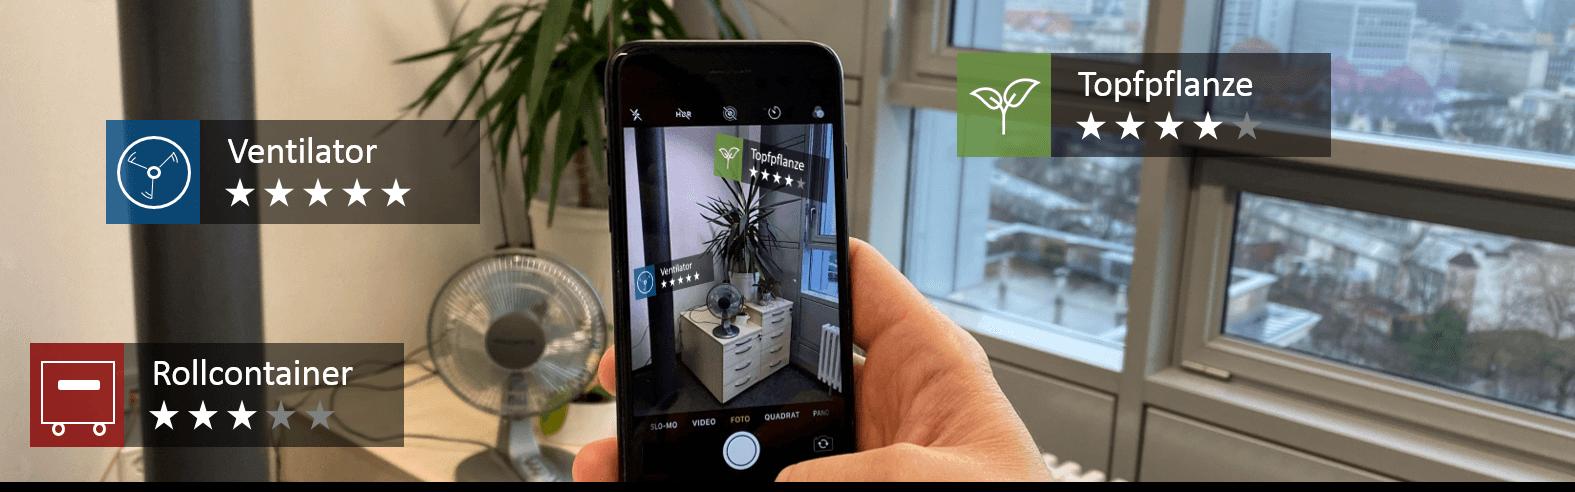 Kundenbewertungen in Augmented Reality